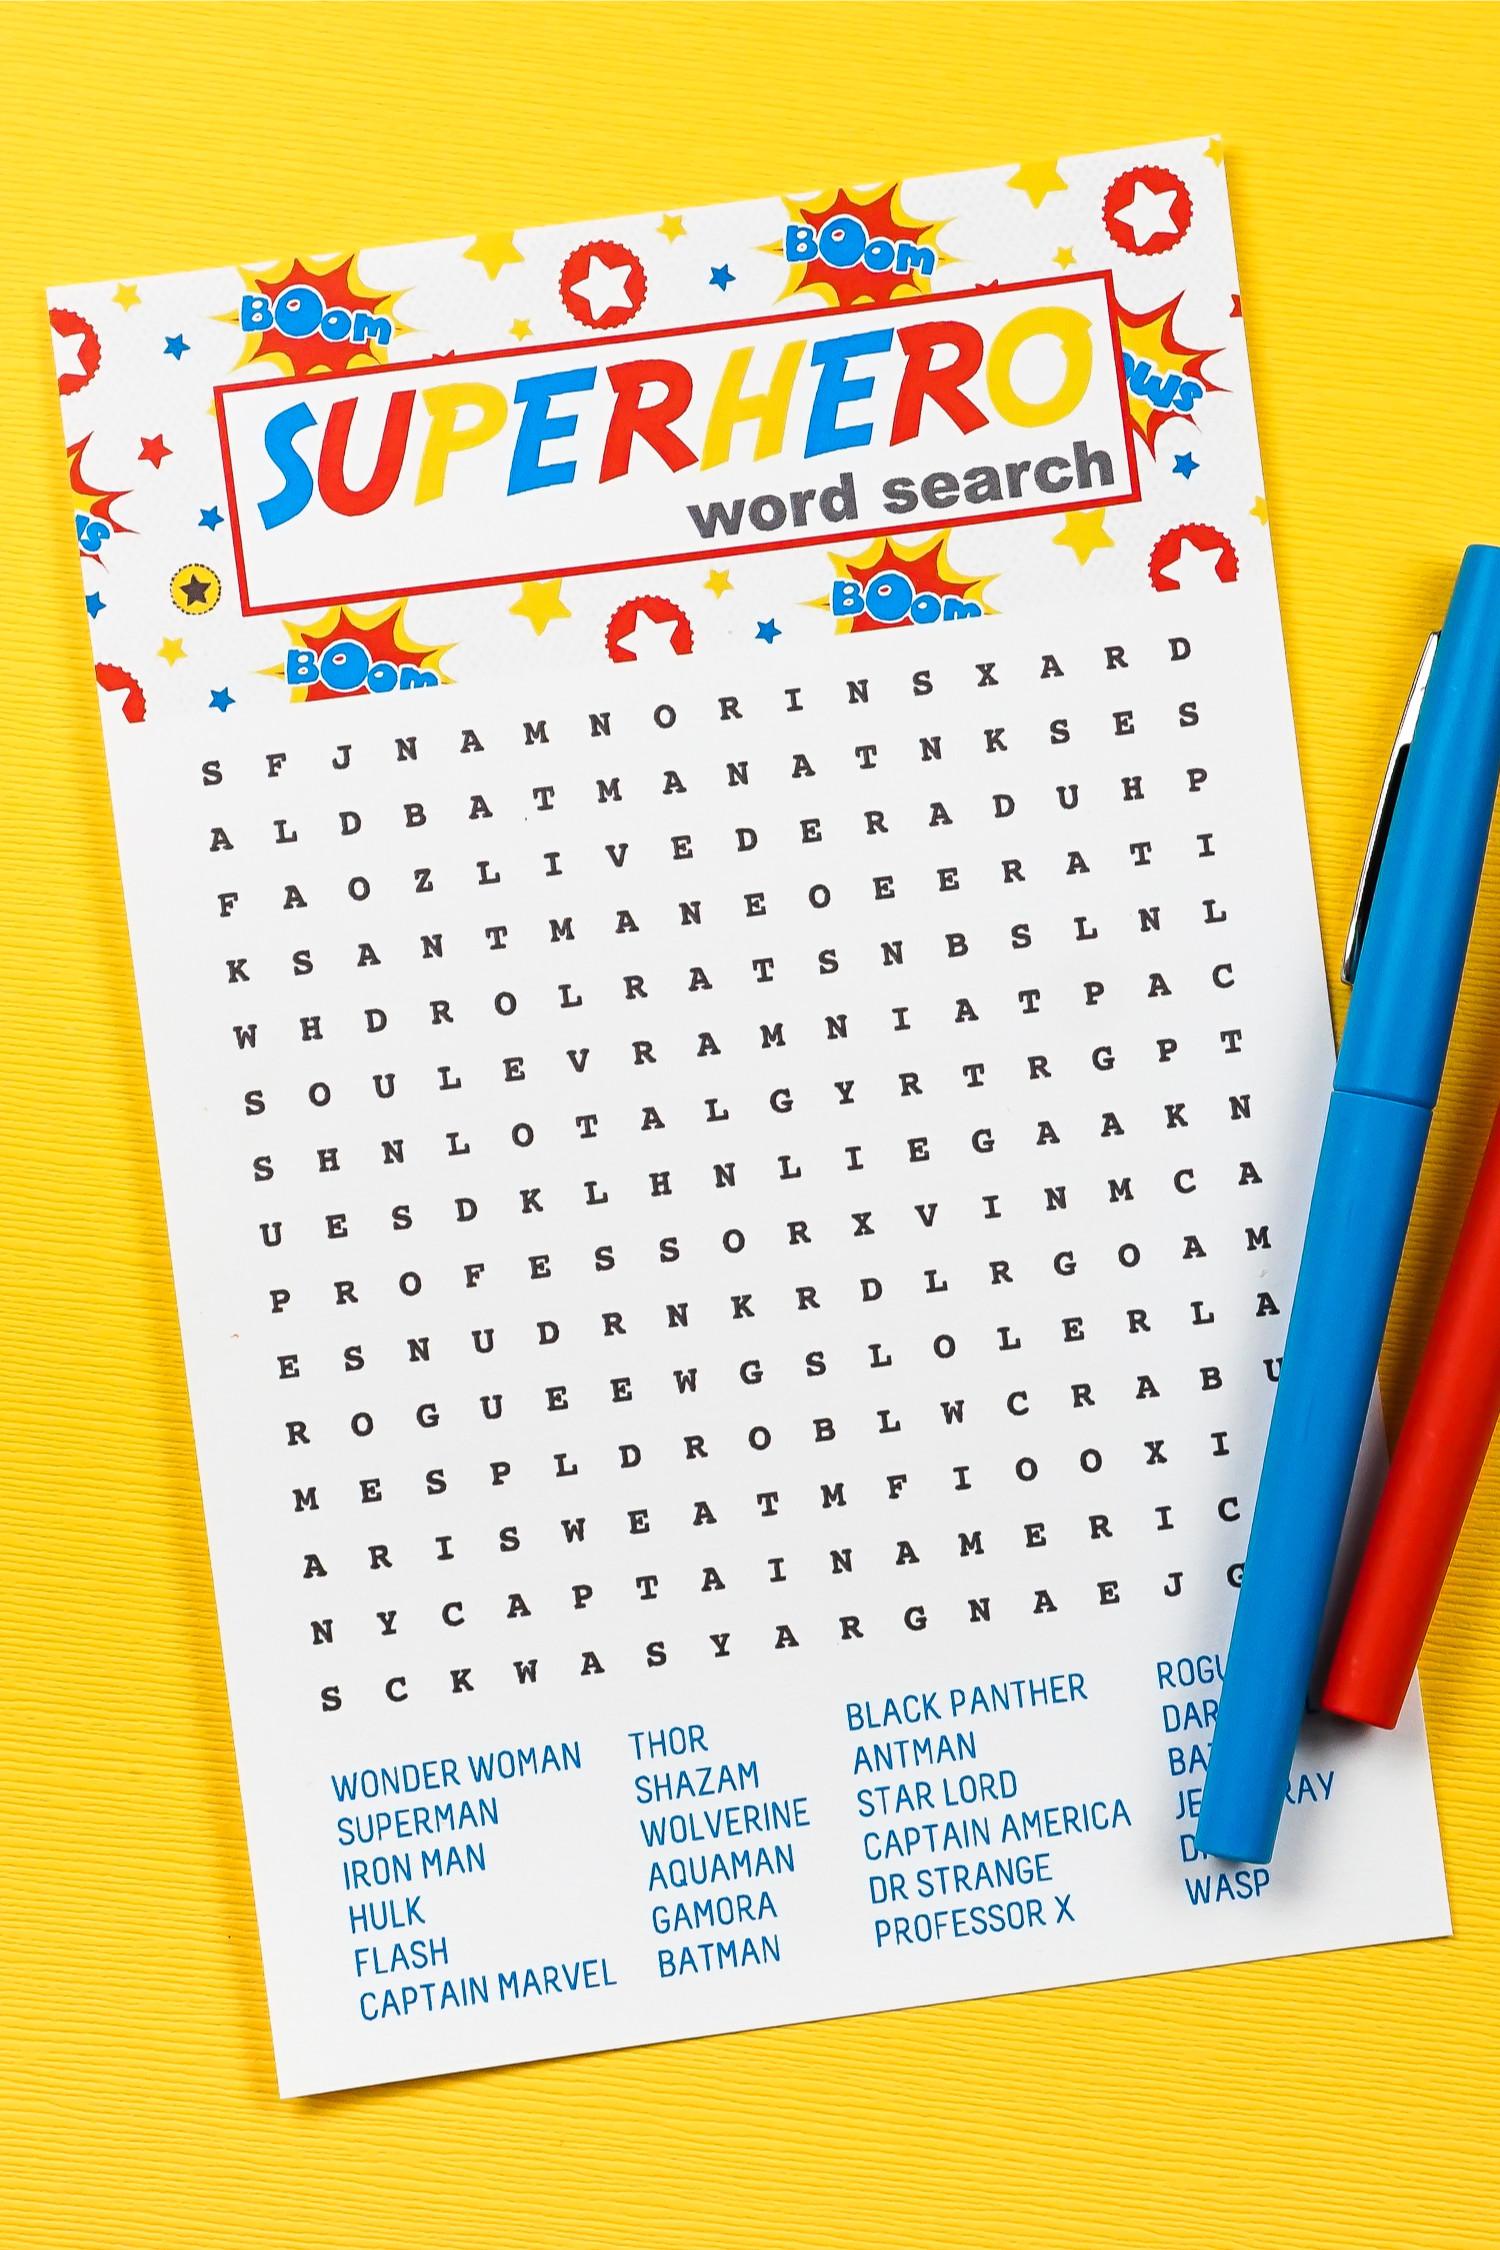 Superhero Word Search Printable Free Printable Superhero Word Search Hey Let S Make Stuff